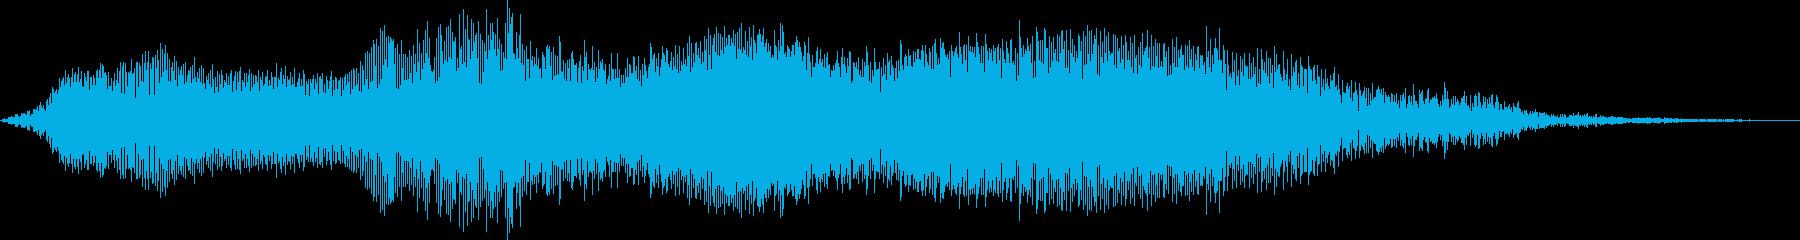 トラクター作業の再生済みの波形